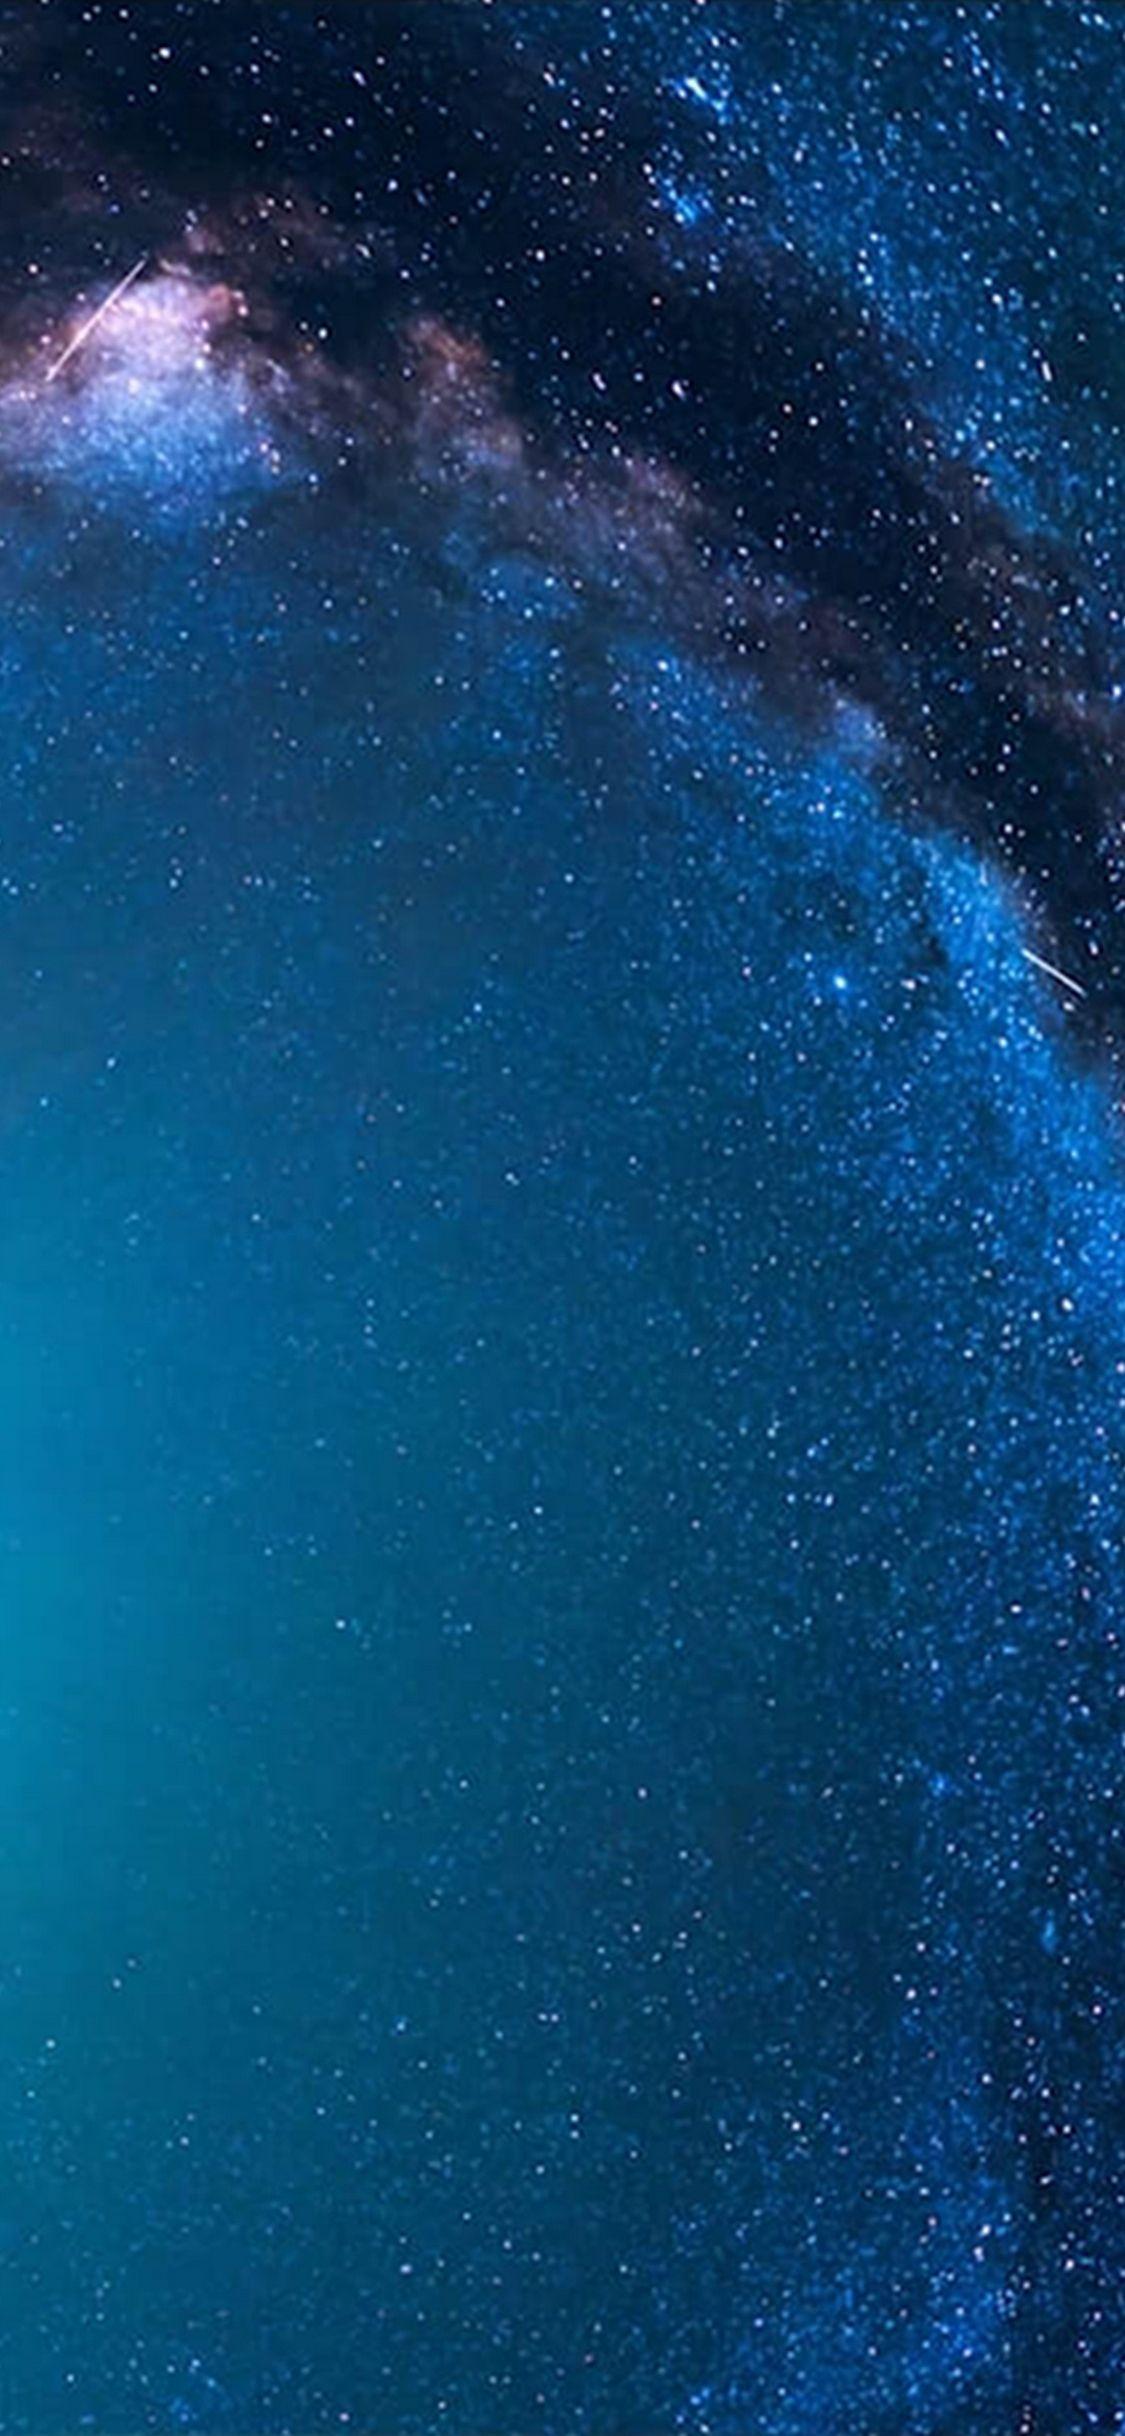 Iphone X Xs Galaxy Wallpaper Galaxy Wallpaper Galaxy Wallpaper Iphone Iphone Wallpaper